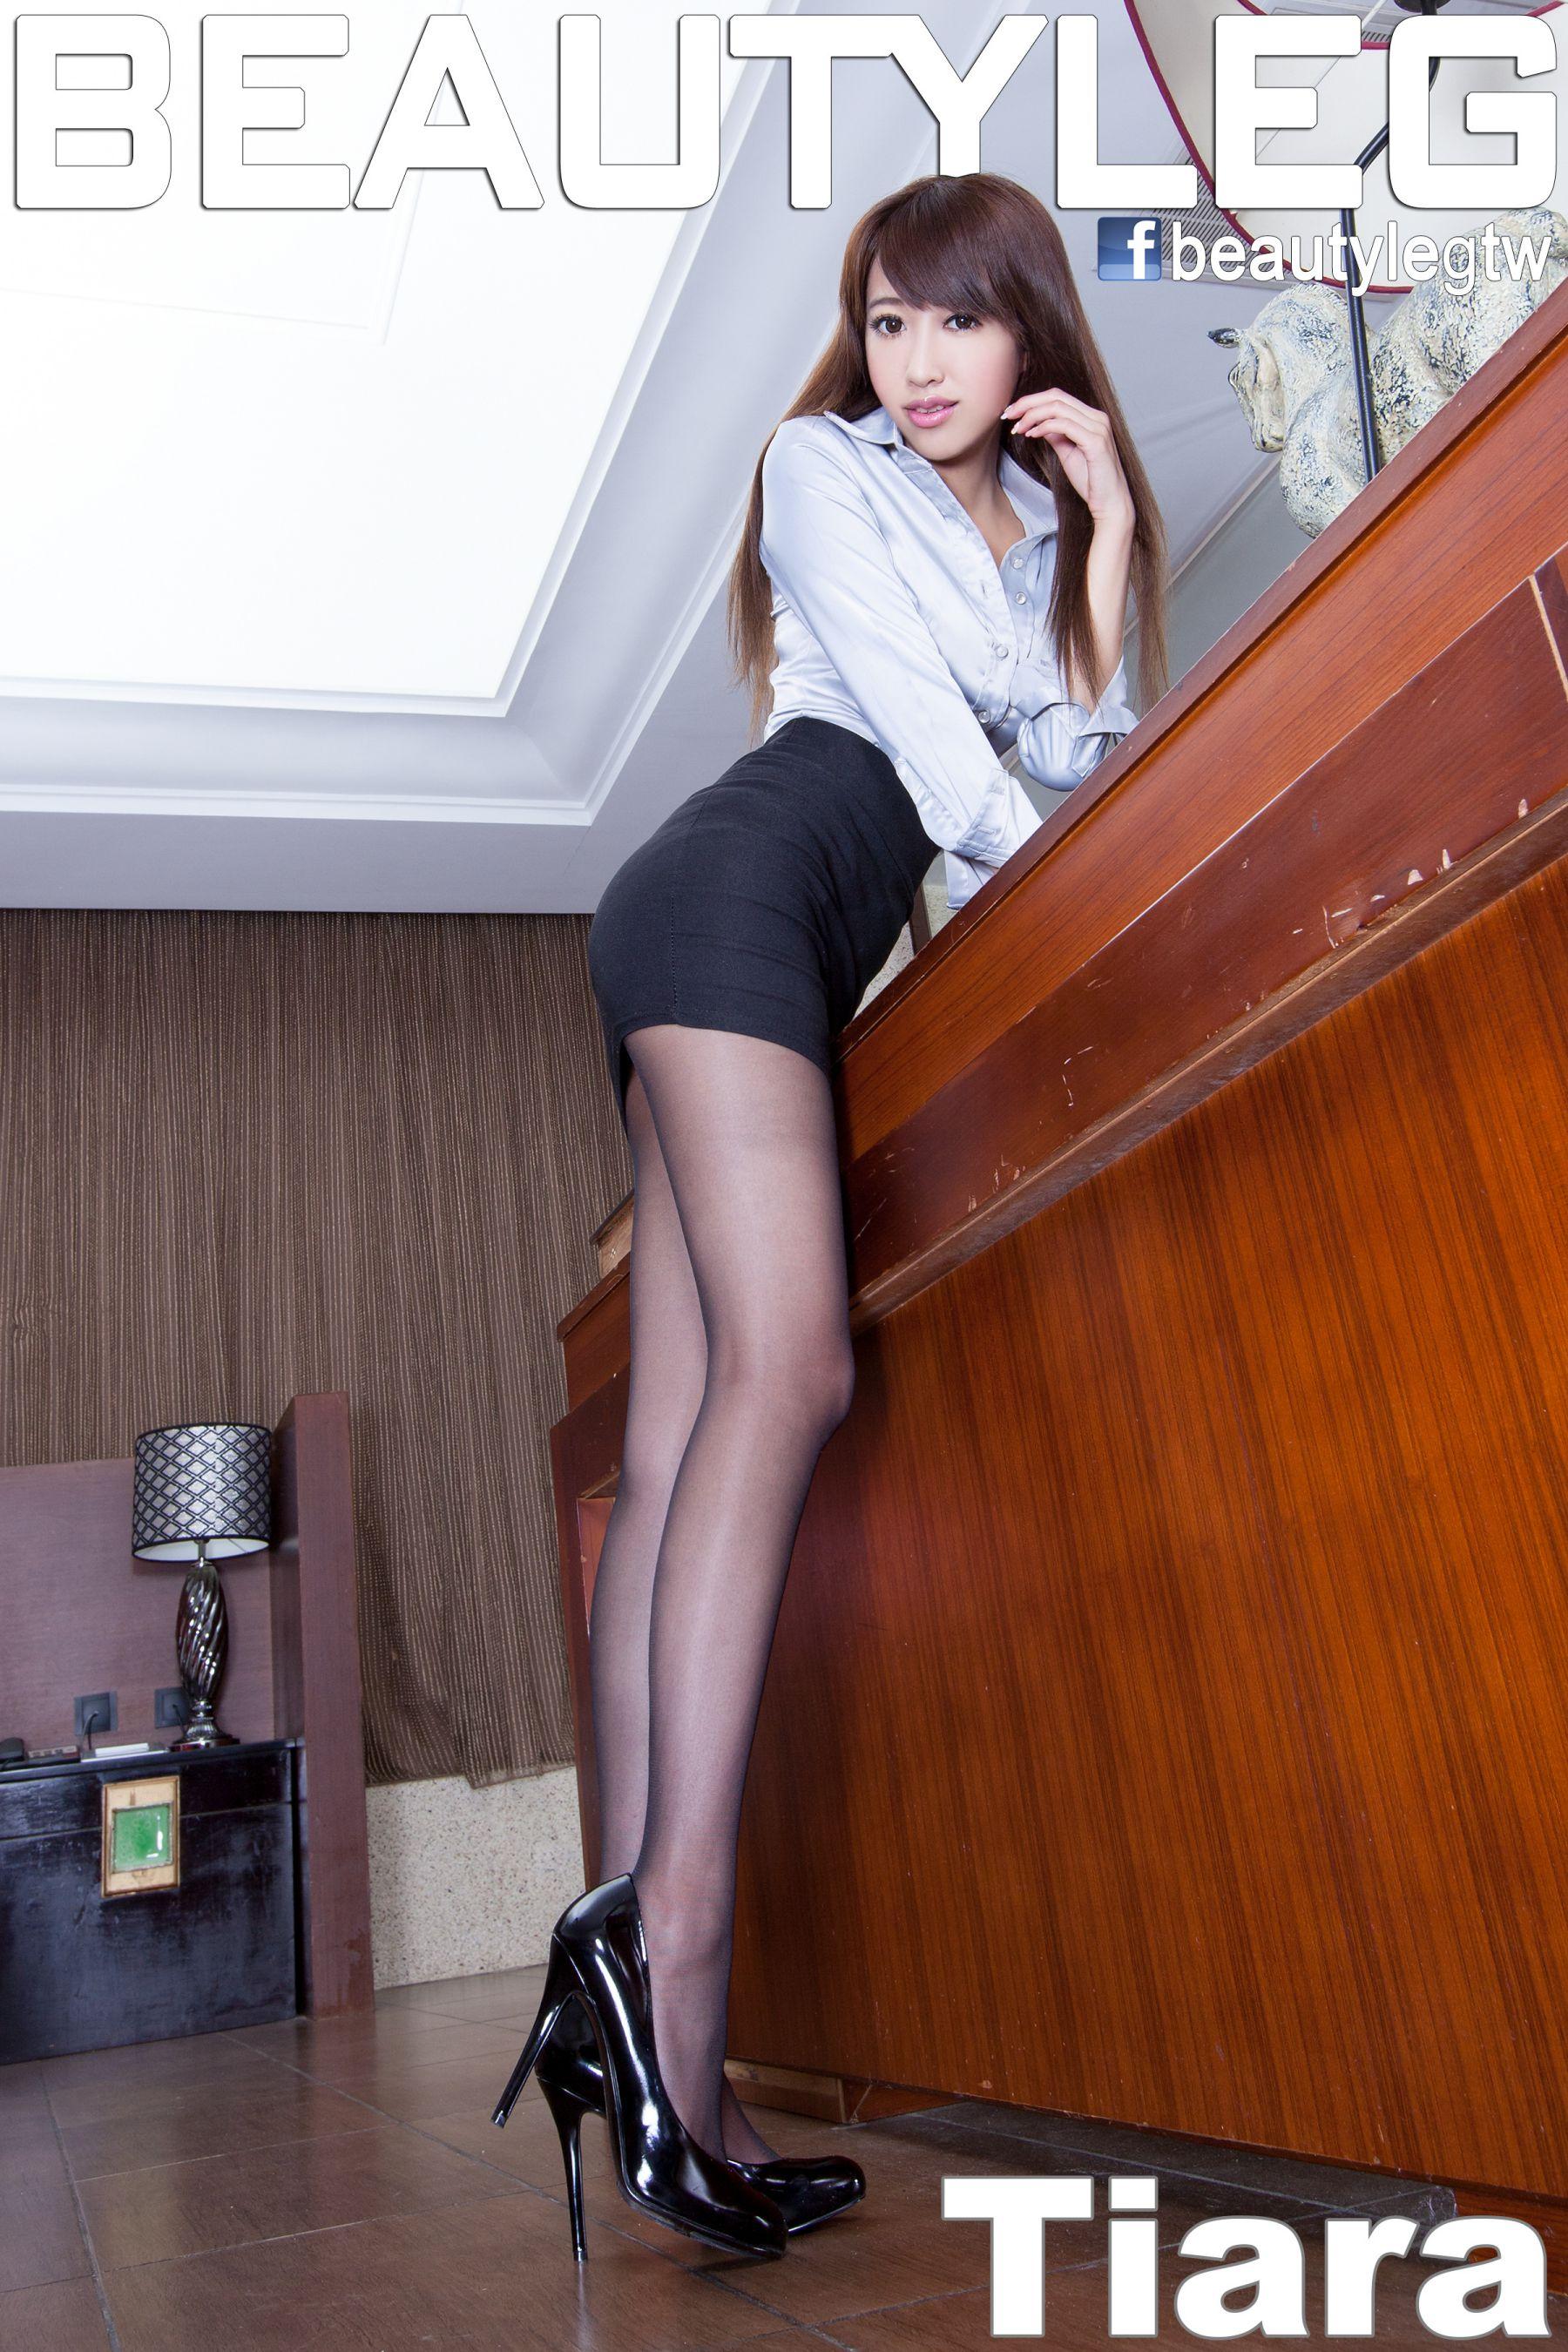 VOL.1464 [Beautyleg]办公室职业装美腿黑丝包臀裙美女:钟小八(腿模Tiara,钟明洁)高品质写真套图(59P)